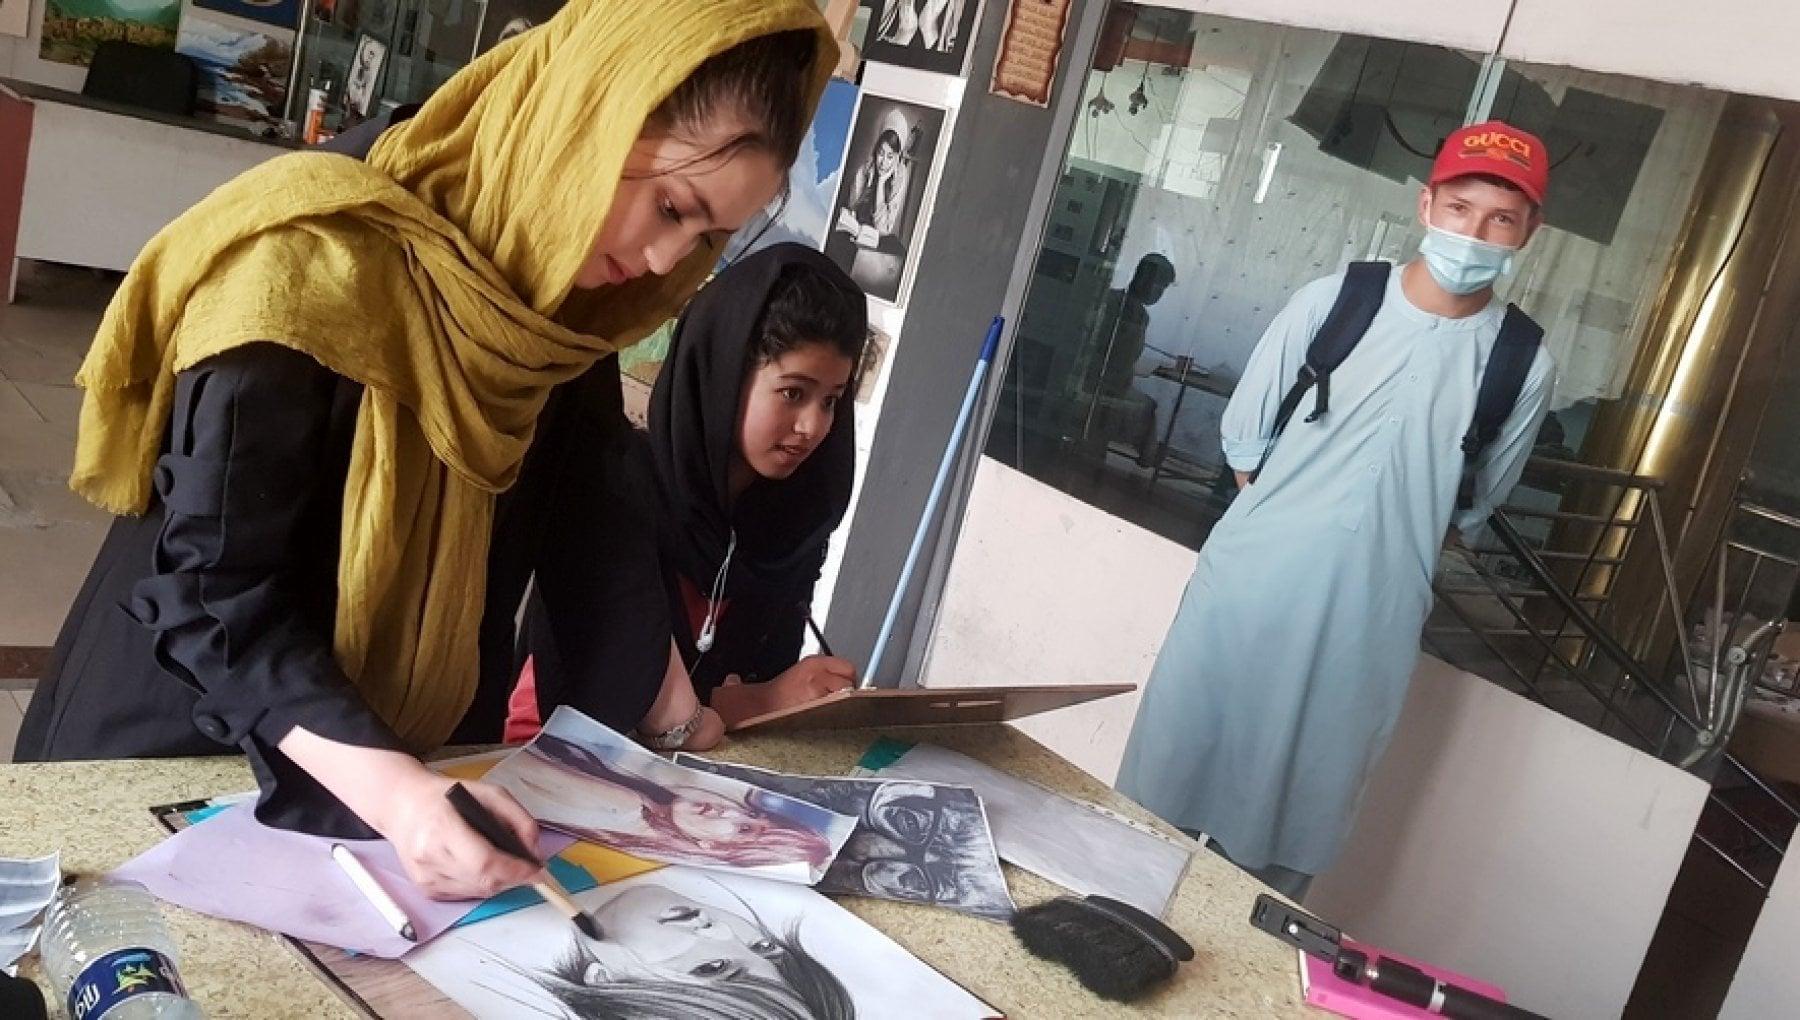 """183726098 47b0b803 b7e1 430f bf48 12507e1b23ee - Tra le donne afgane minacciate dal ritorno dei talebani: """"Lotteremo per i nostri diritti"""""""